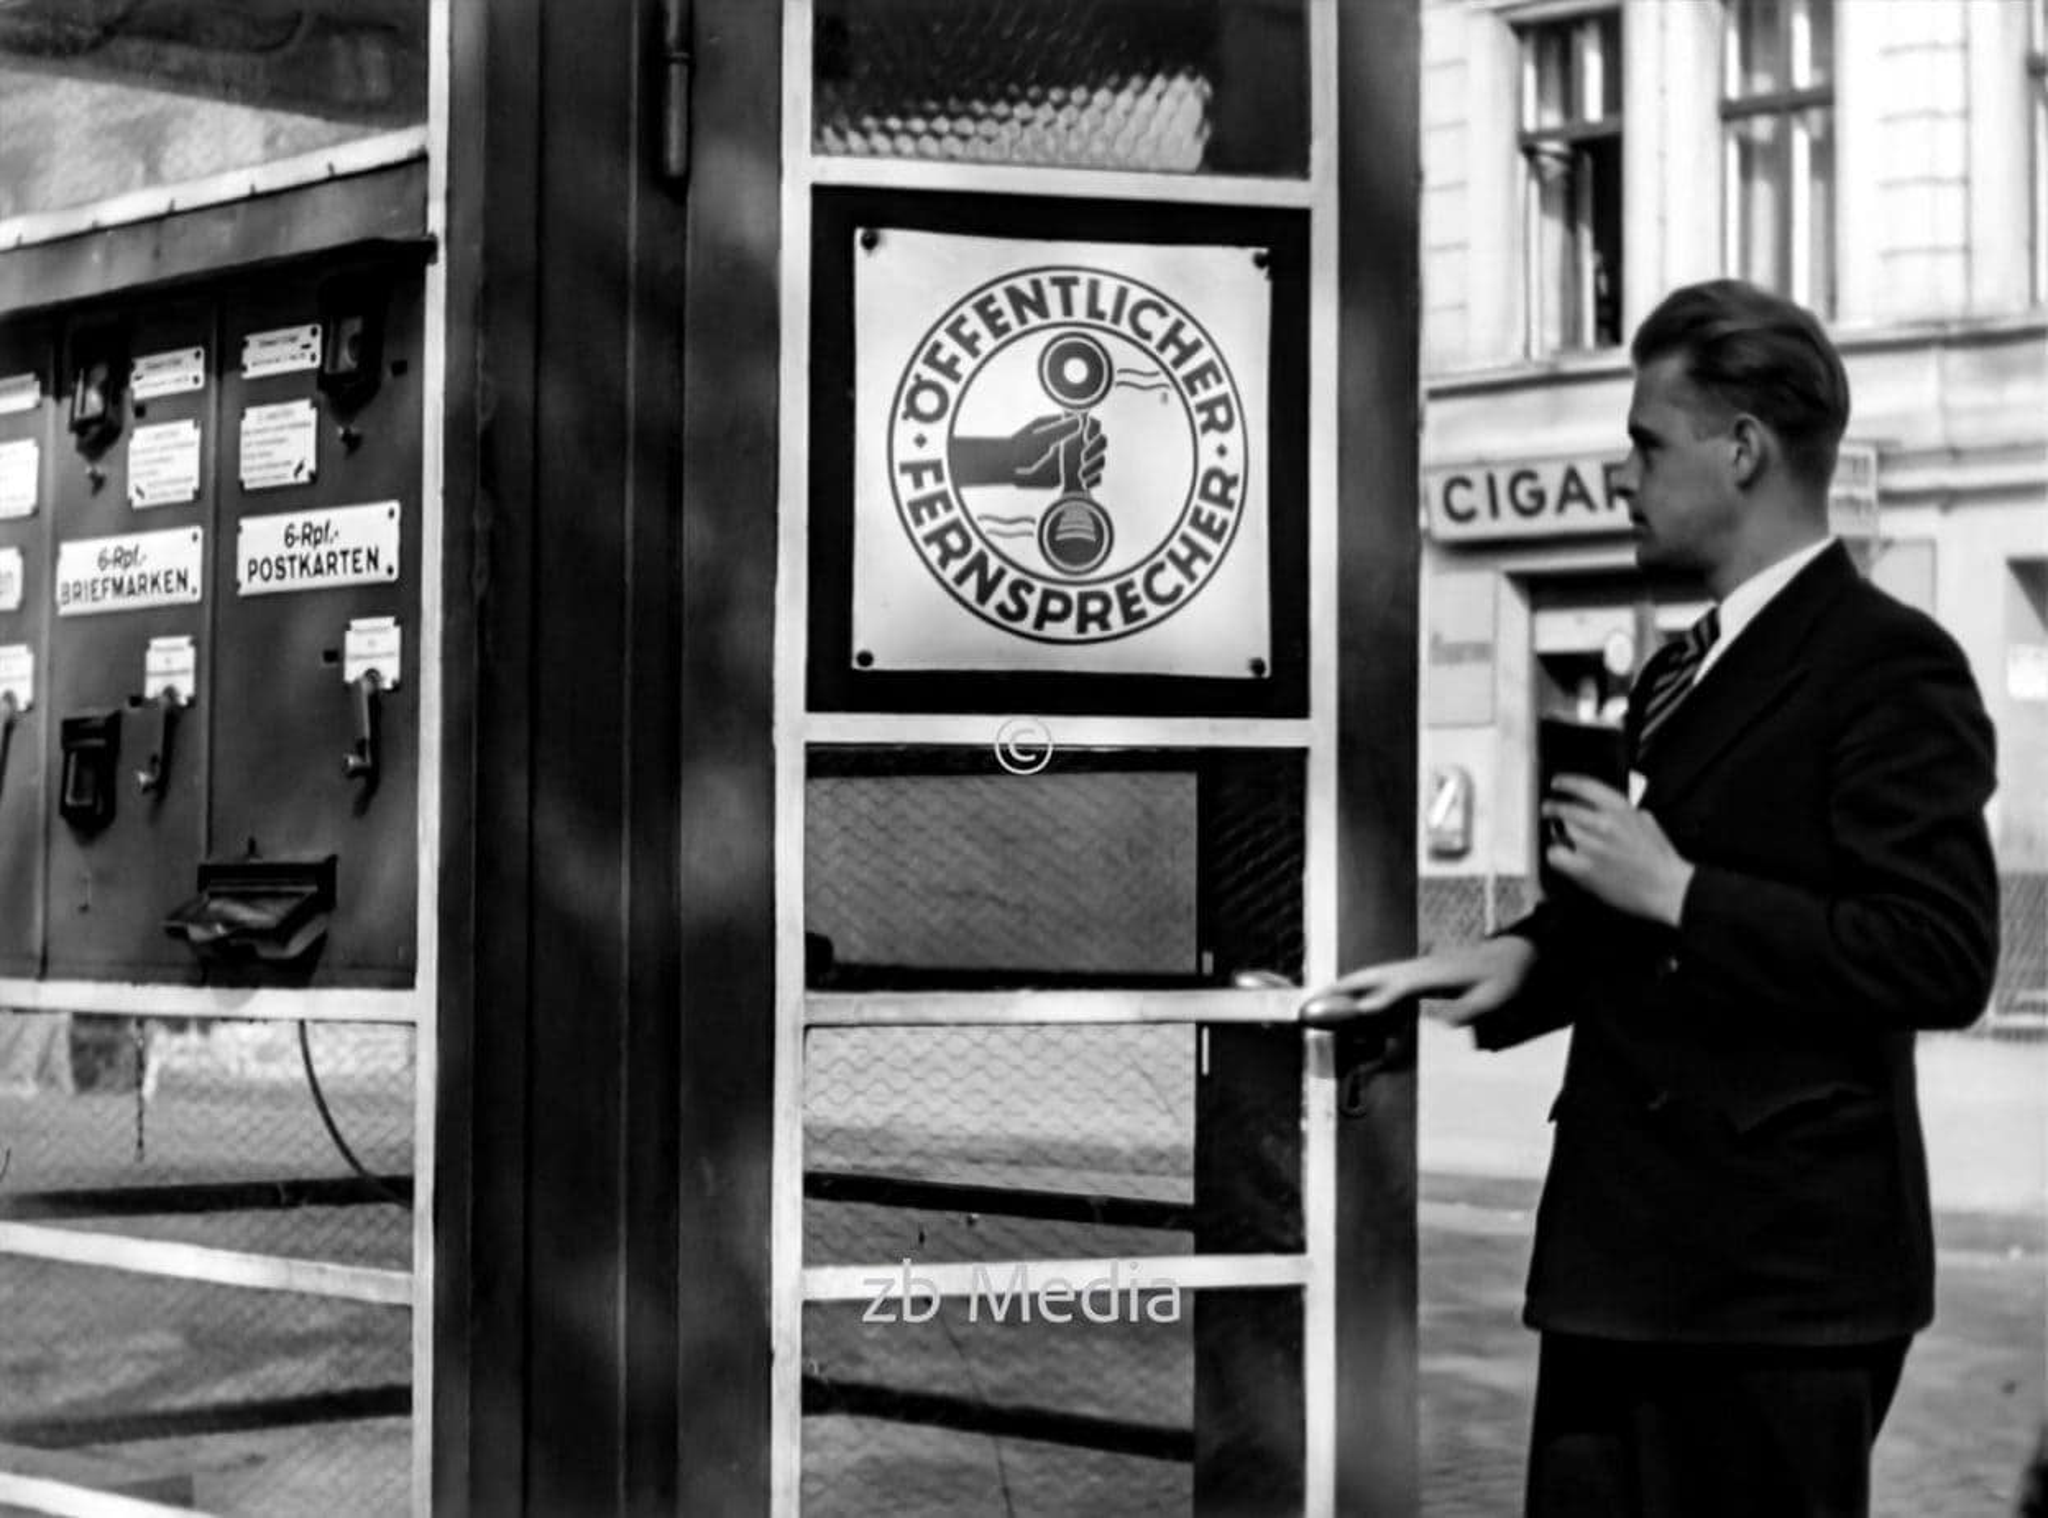 Telefonzelle in Berlin 1937